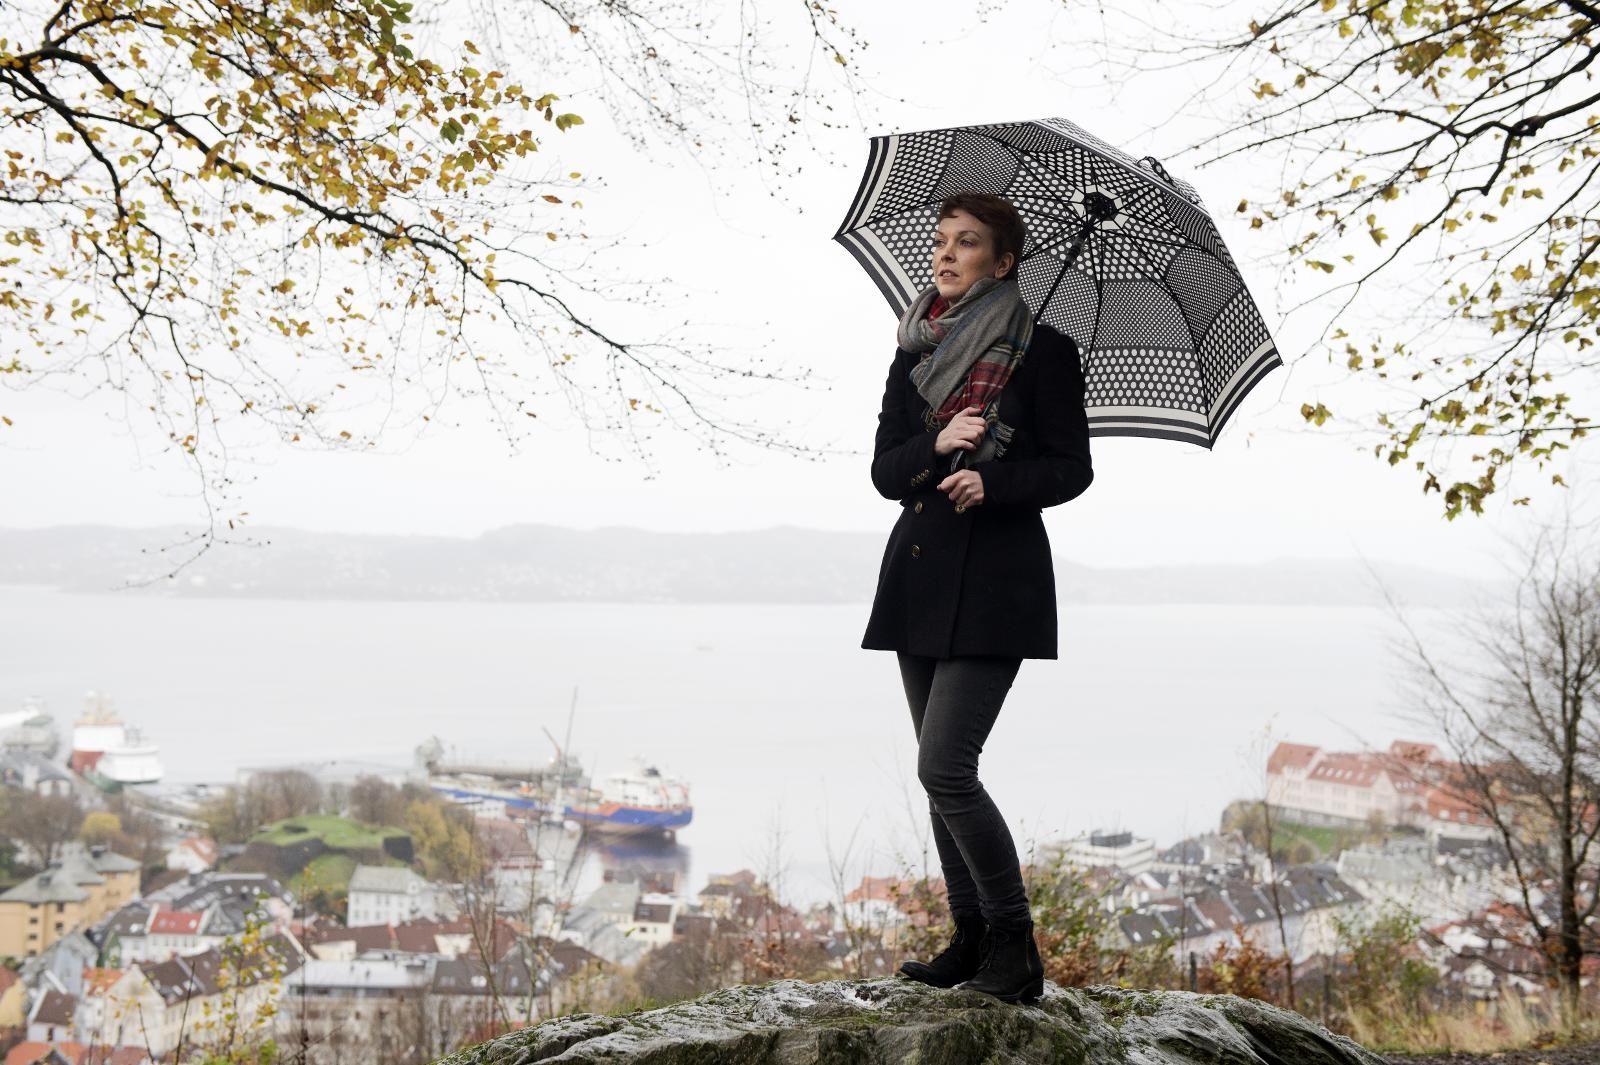 17c3eb78 SAVN: Jeg har vært rasende på min pappa, jeg har vært uendelig knust, men  jeg savner ham fremdeles. I dag lever jeg et kjempefint liv, skriver Ingrid  Bjørge ...